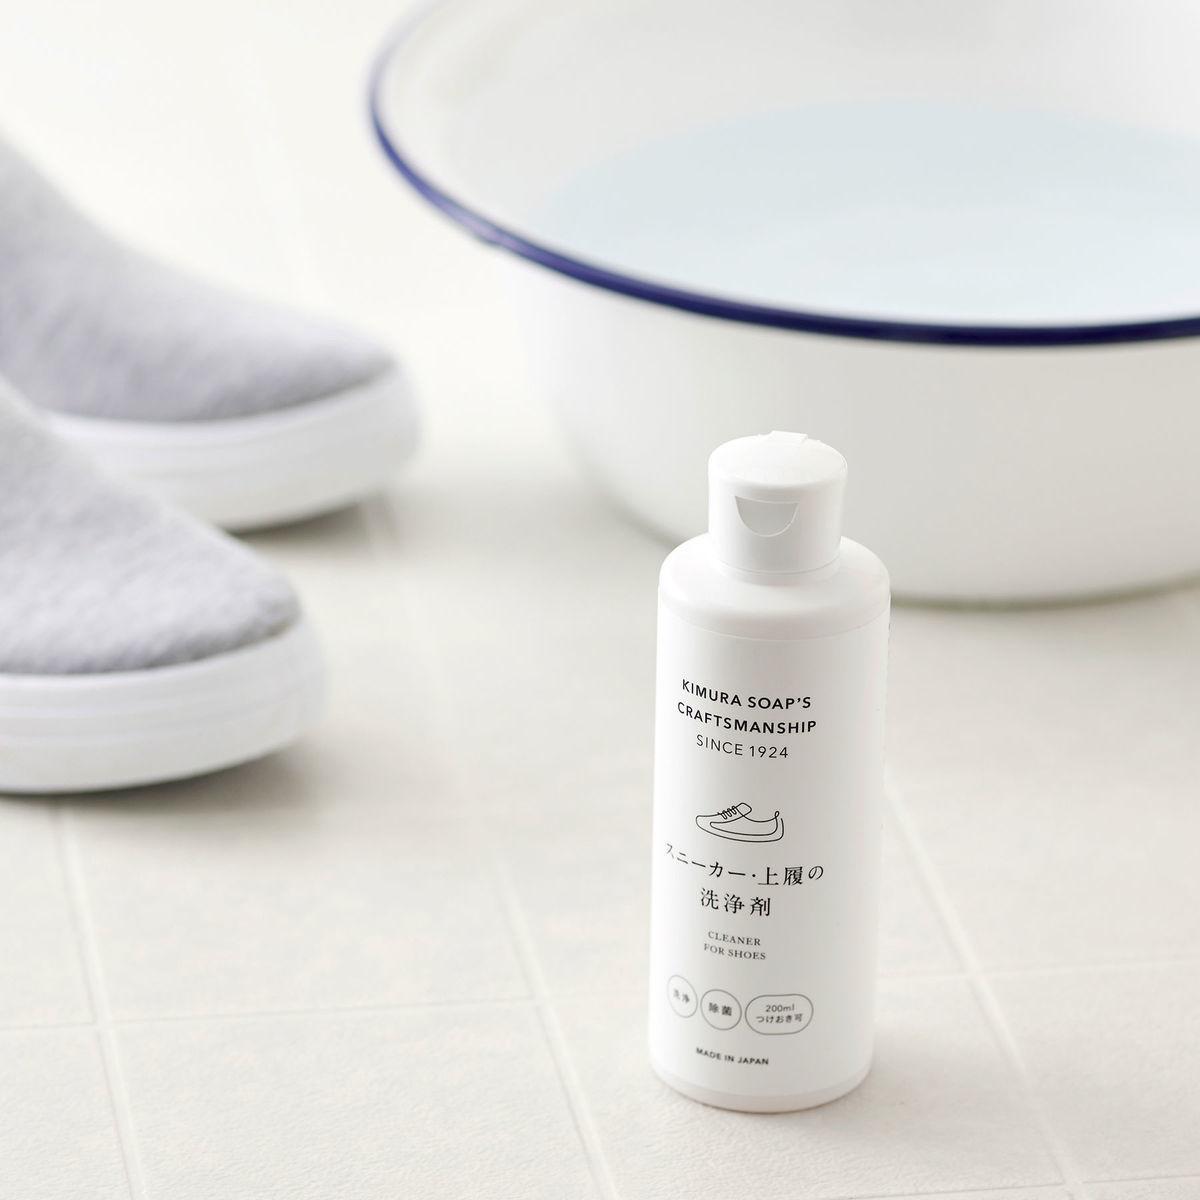 木村石鹸(きむらせっけん) C SERIES スニーカー・上履の洗浄剤